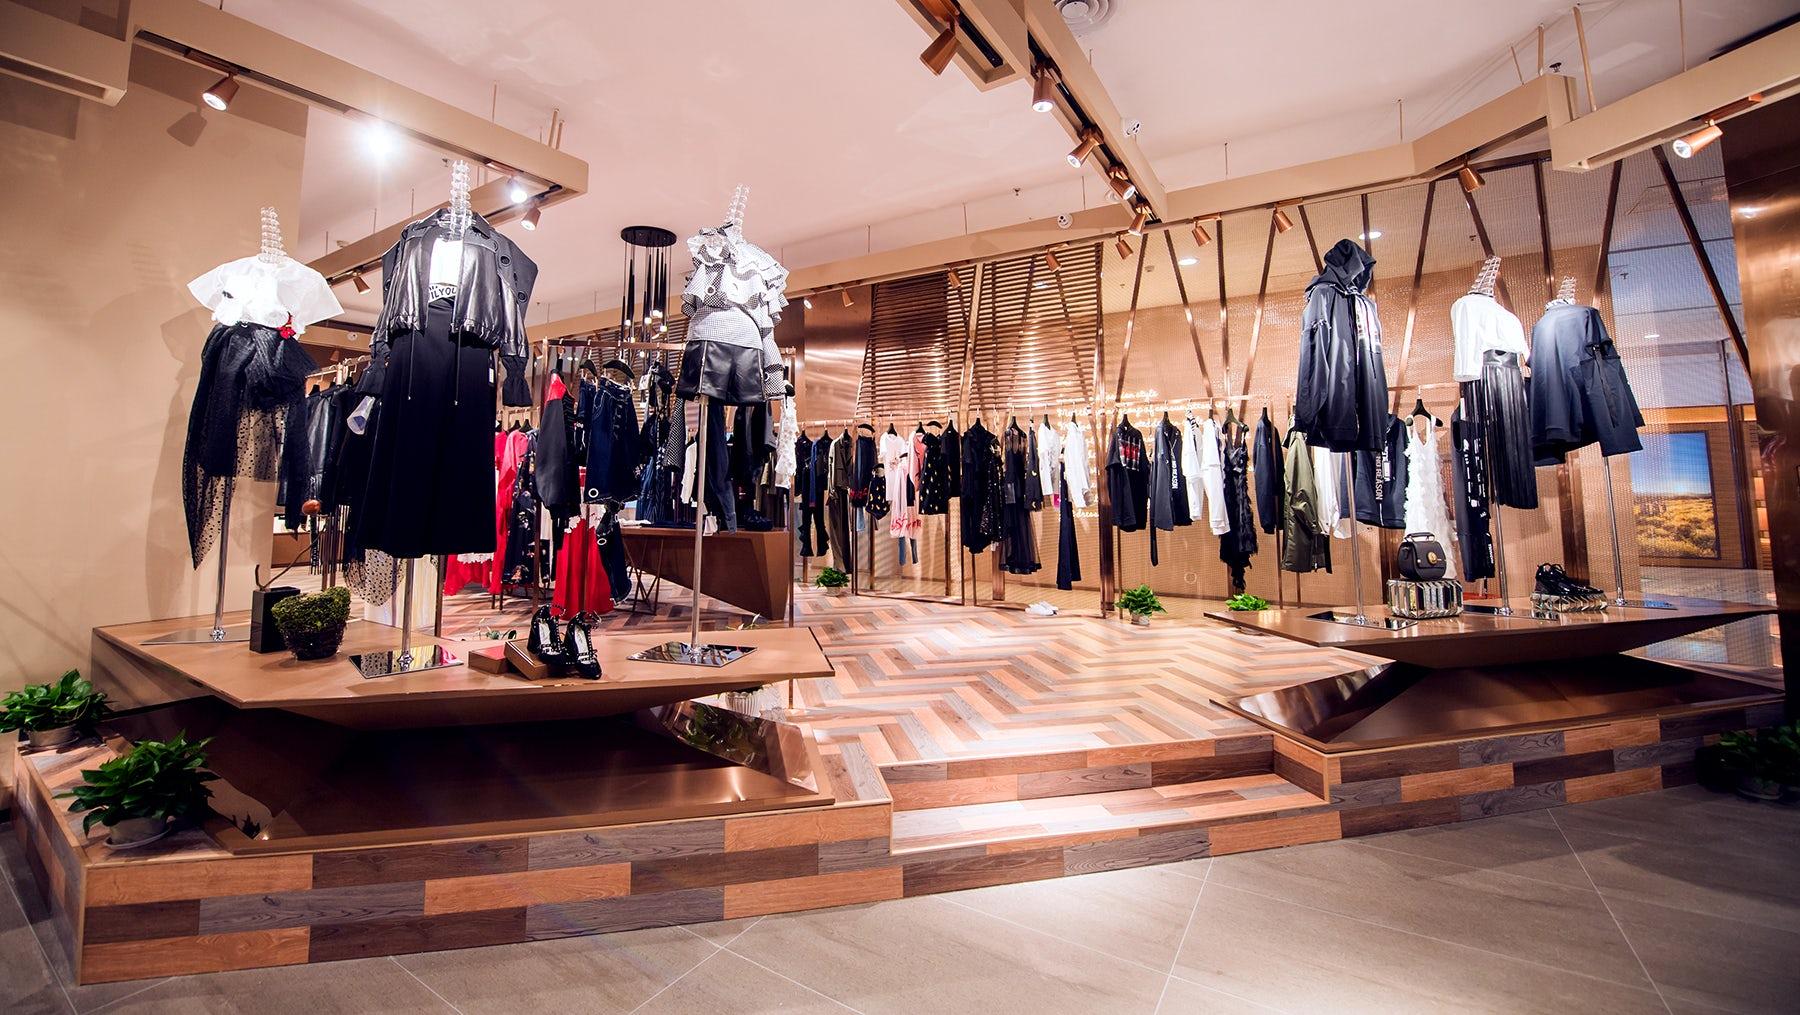 Tanghui boutique | Source: Tanghui